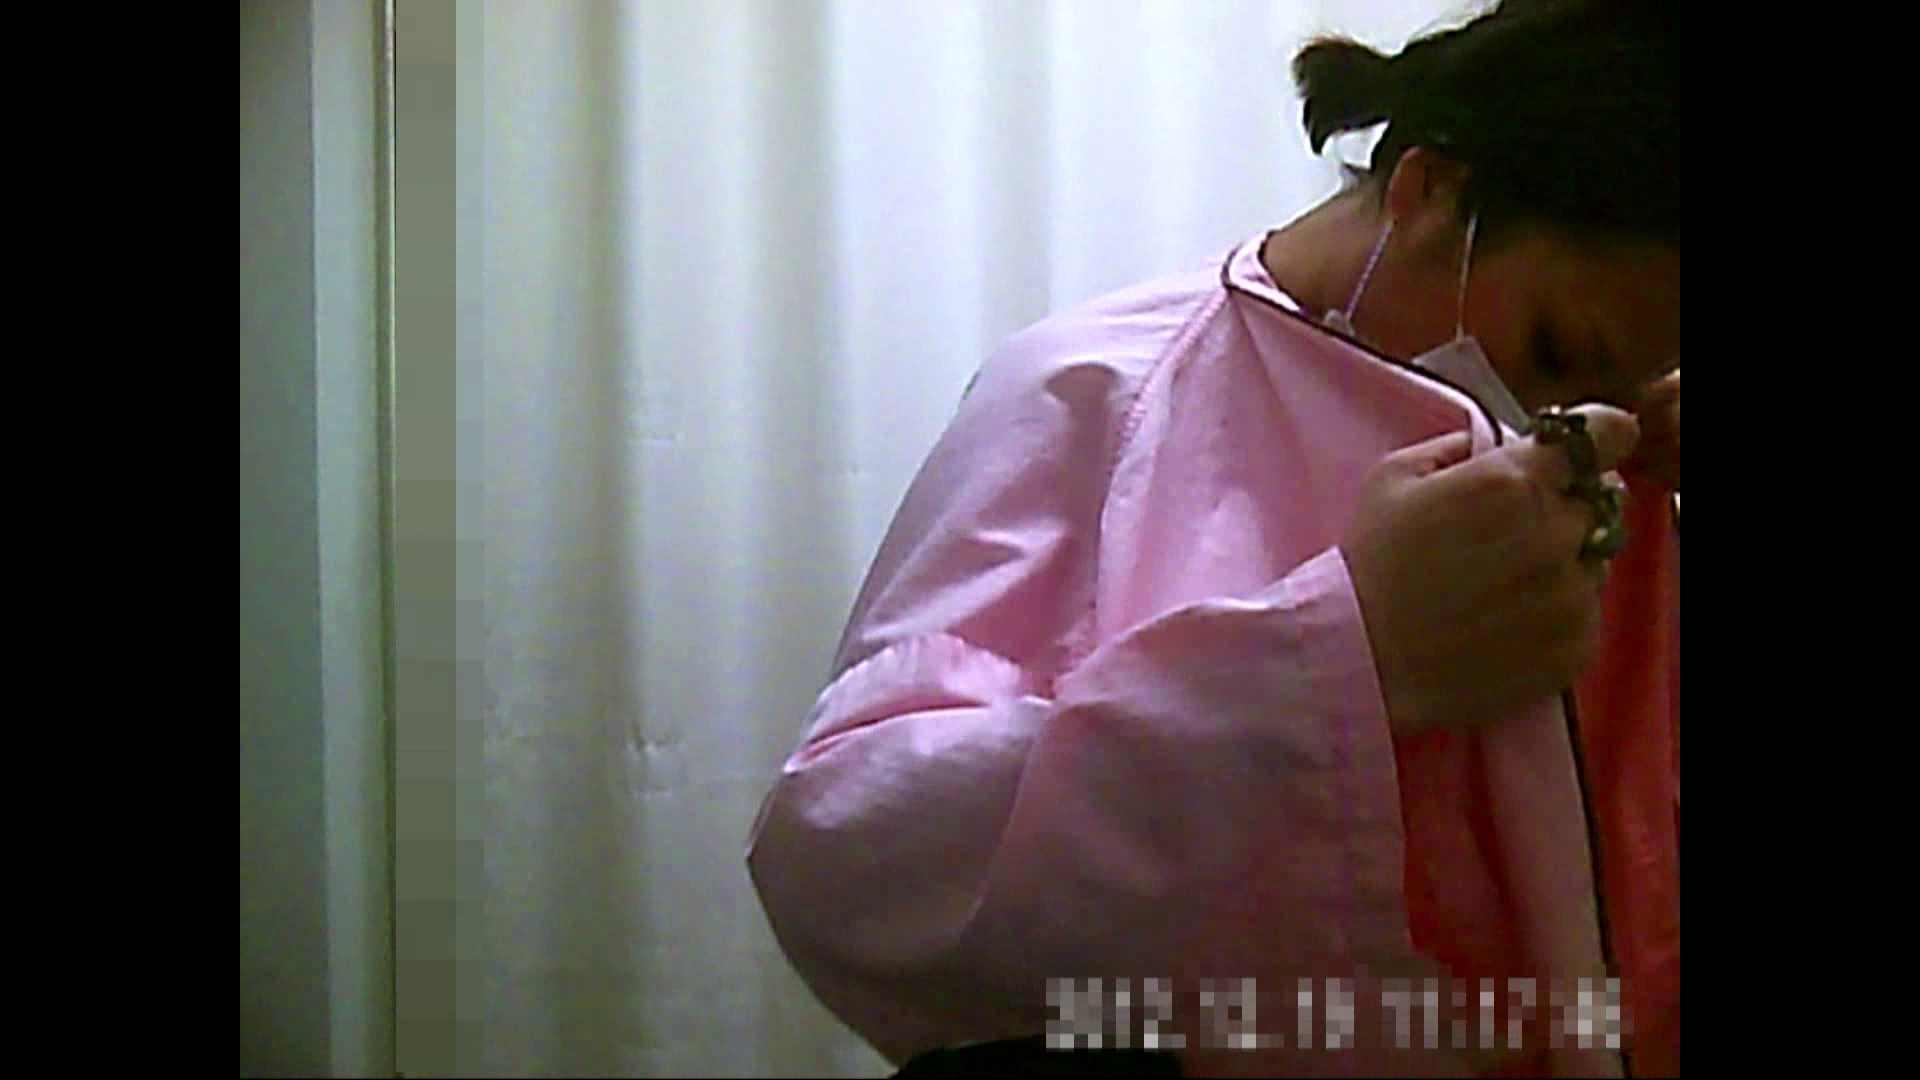 元医者による反抗 更衣室地獄絵巻 vol.115 OL  81pic 28